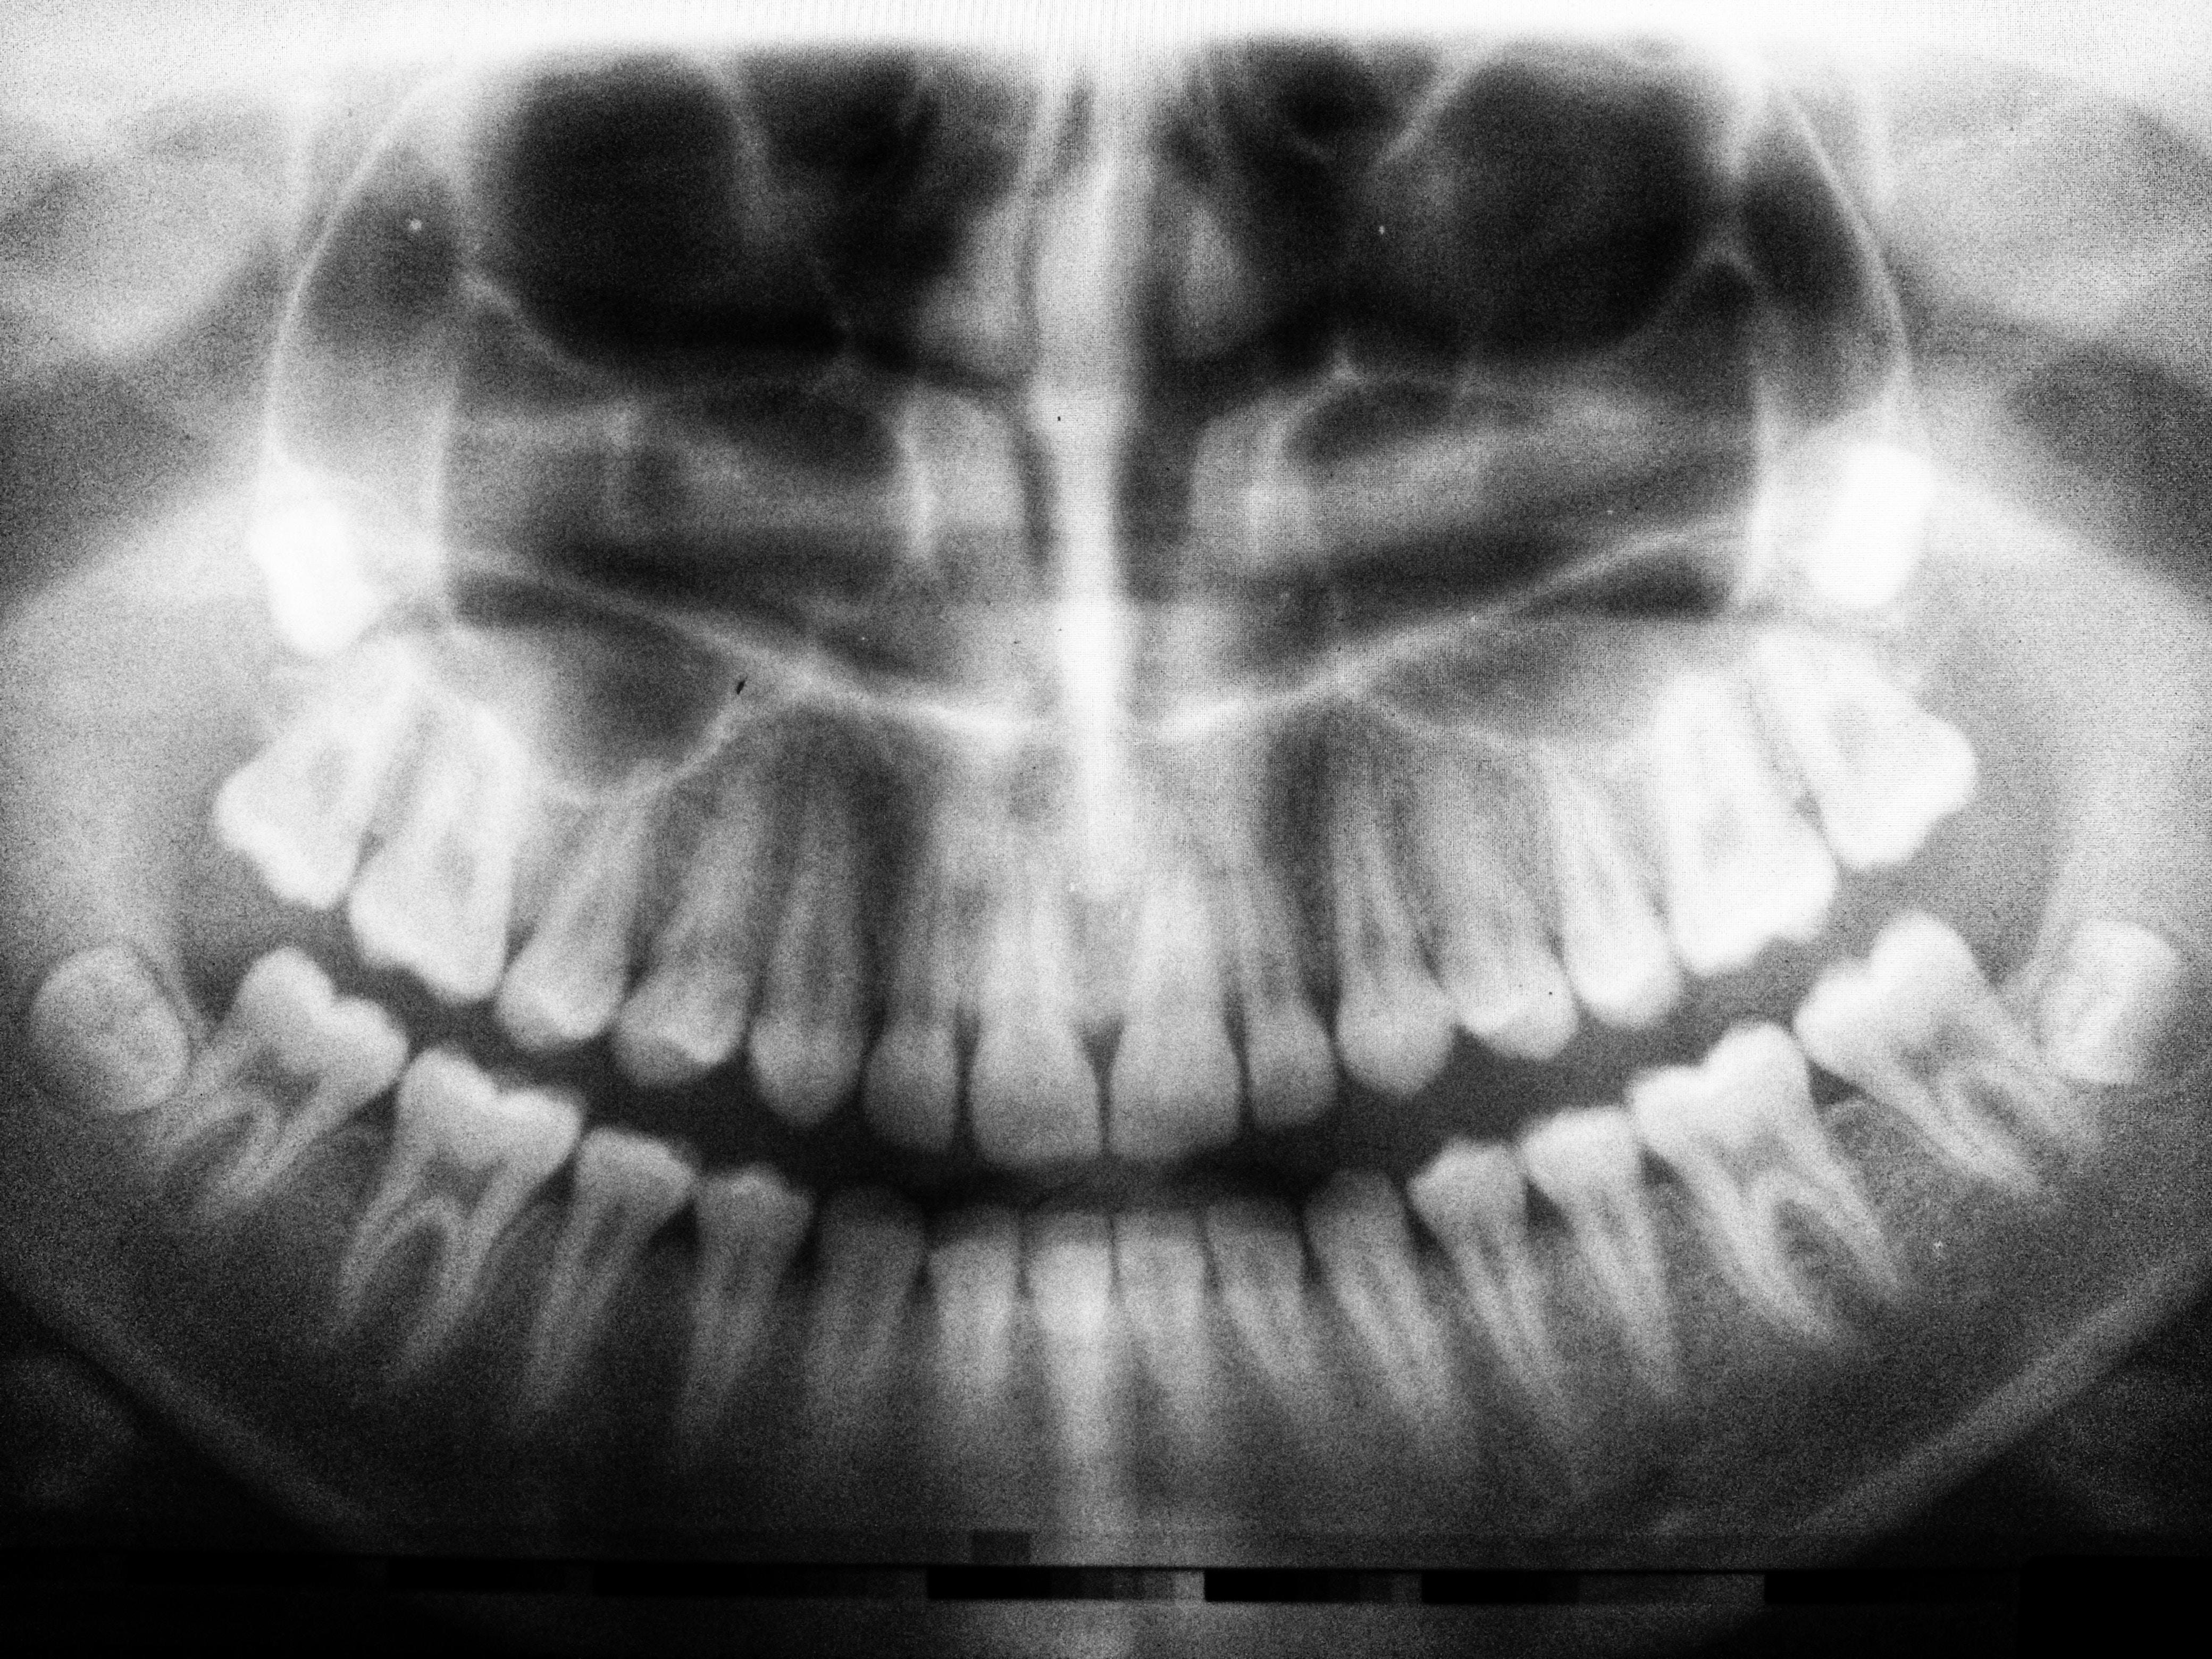 Hvordan gør man tandrensninger mindre smertefulde?